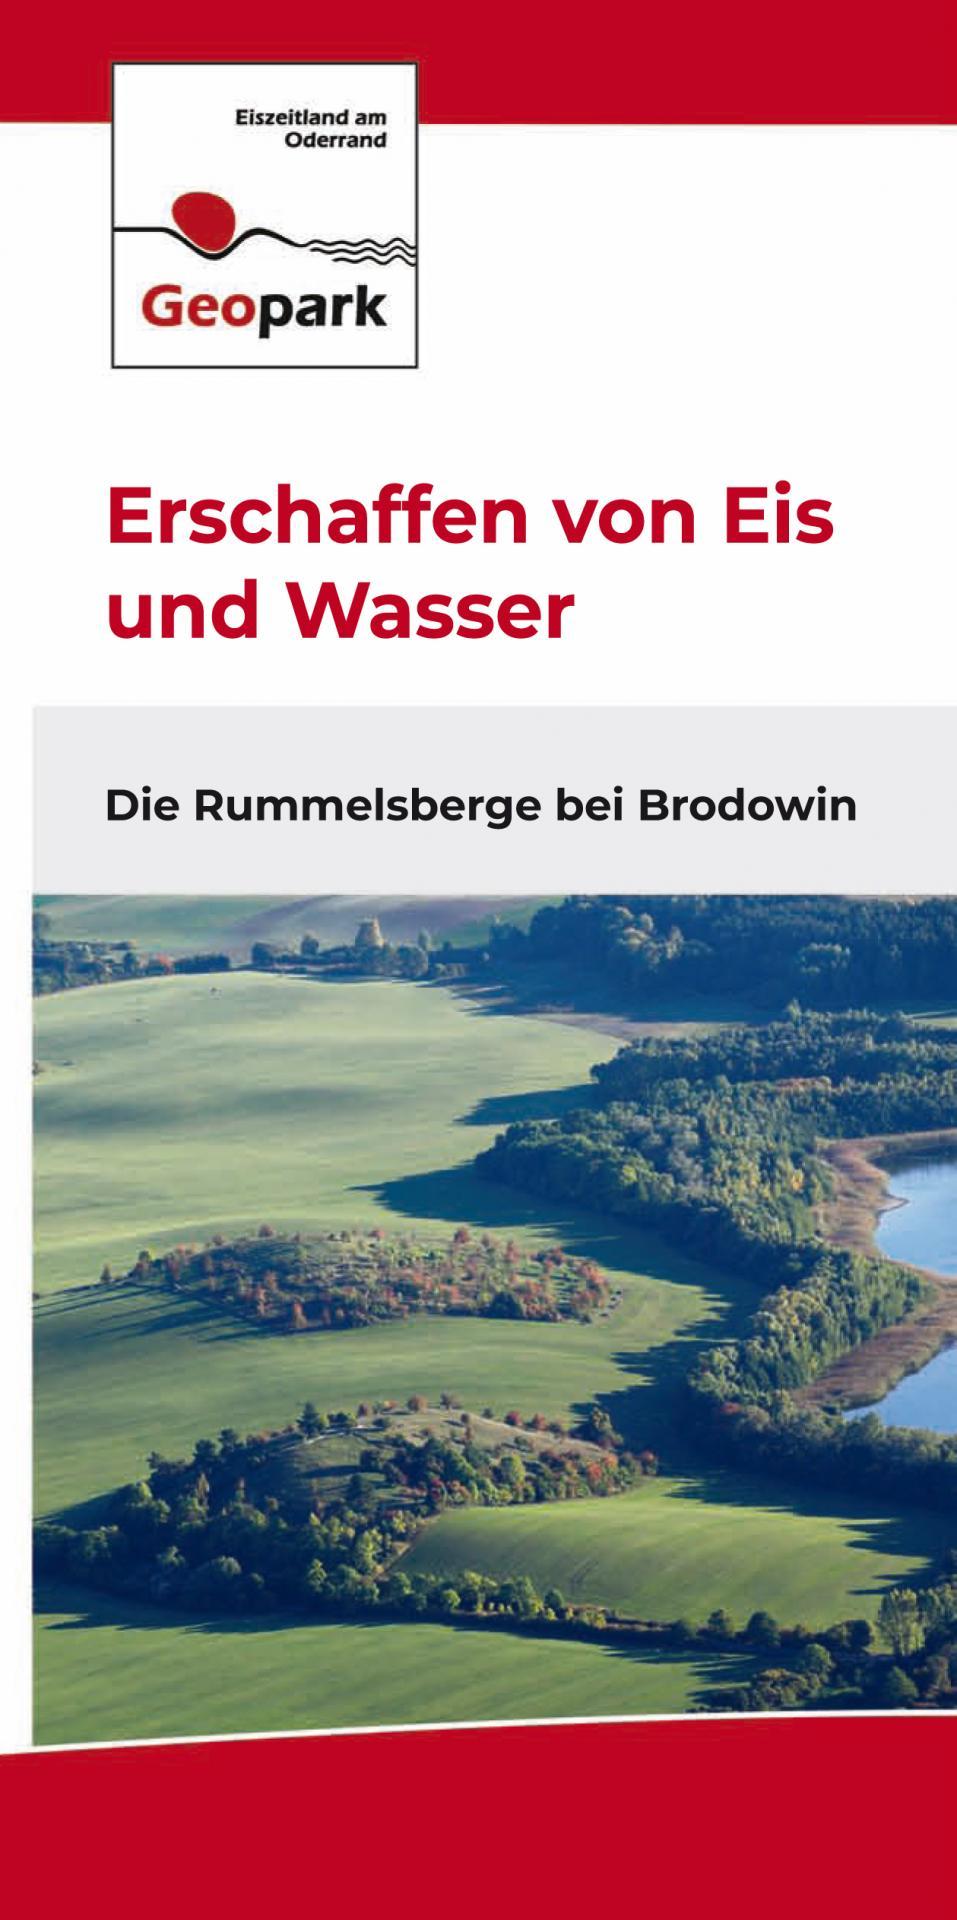 Geotop Rummelsberg